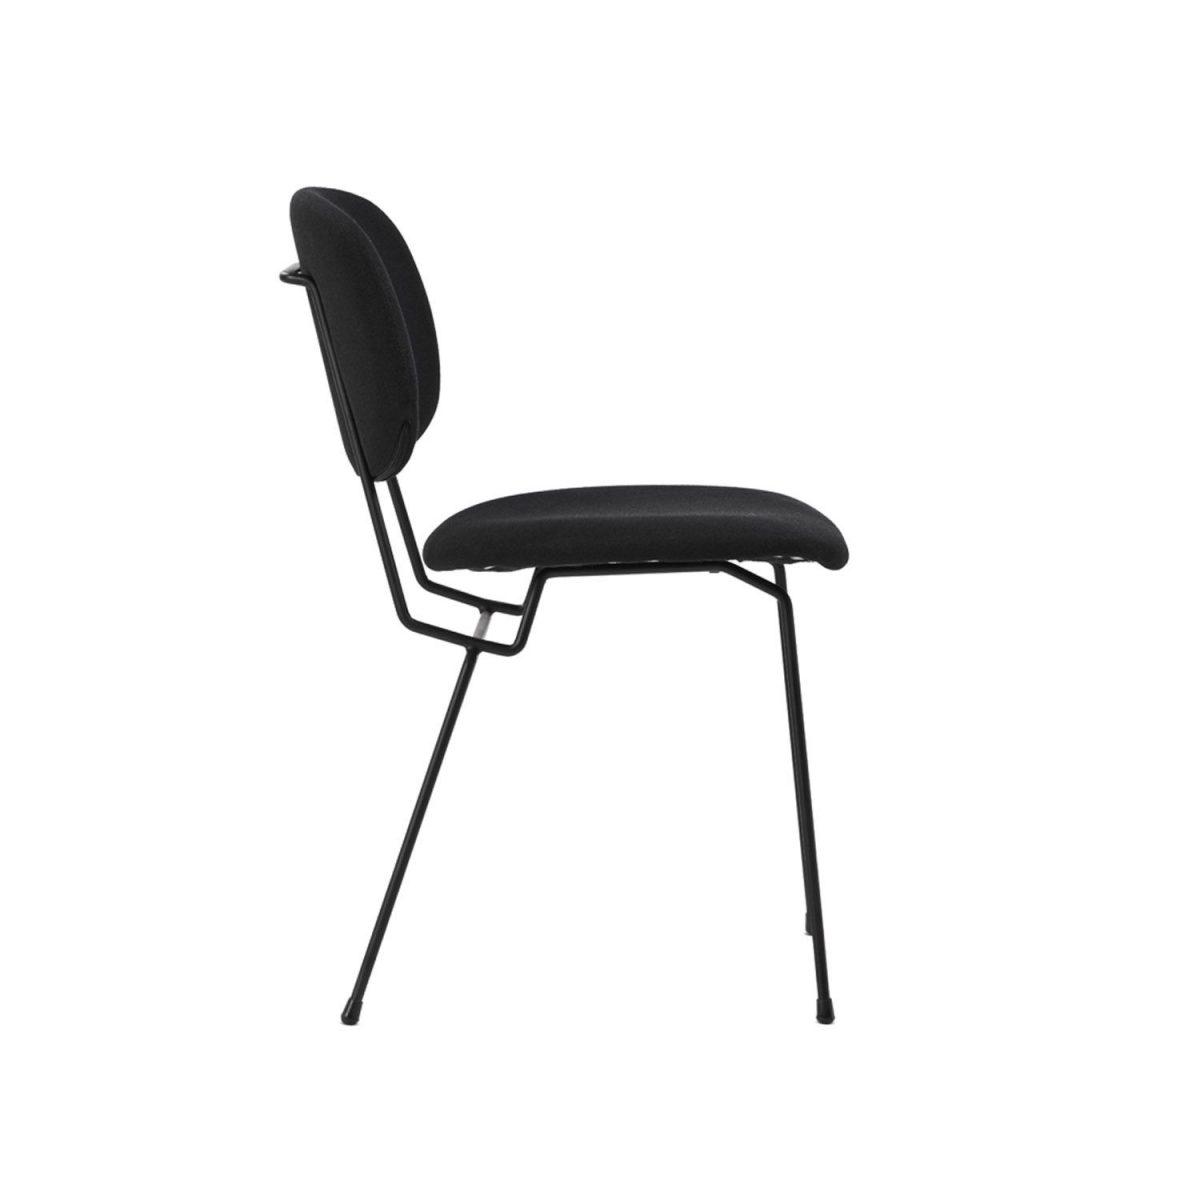 D Chair Lensvelt Gestoffeerd Stoel Eetkamerstoel Zwart Projectstoel Bureaustoel